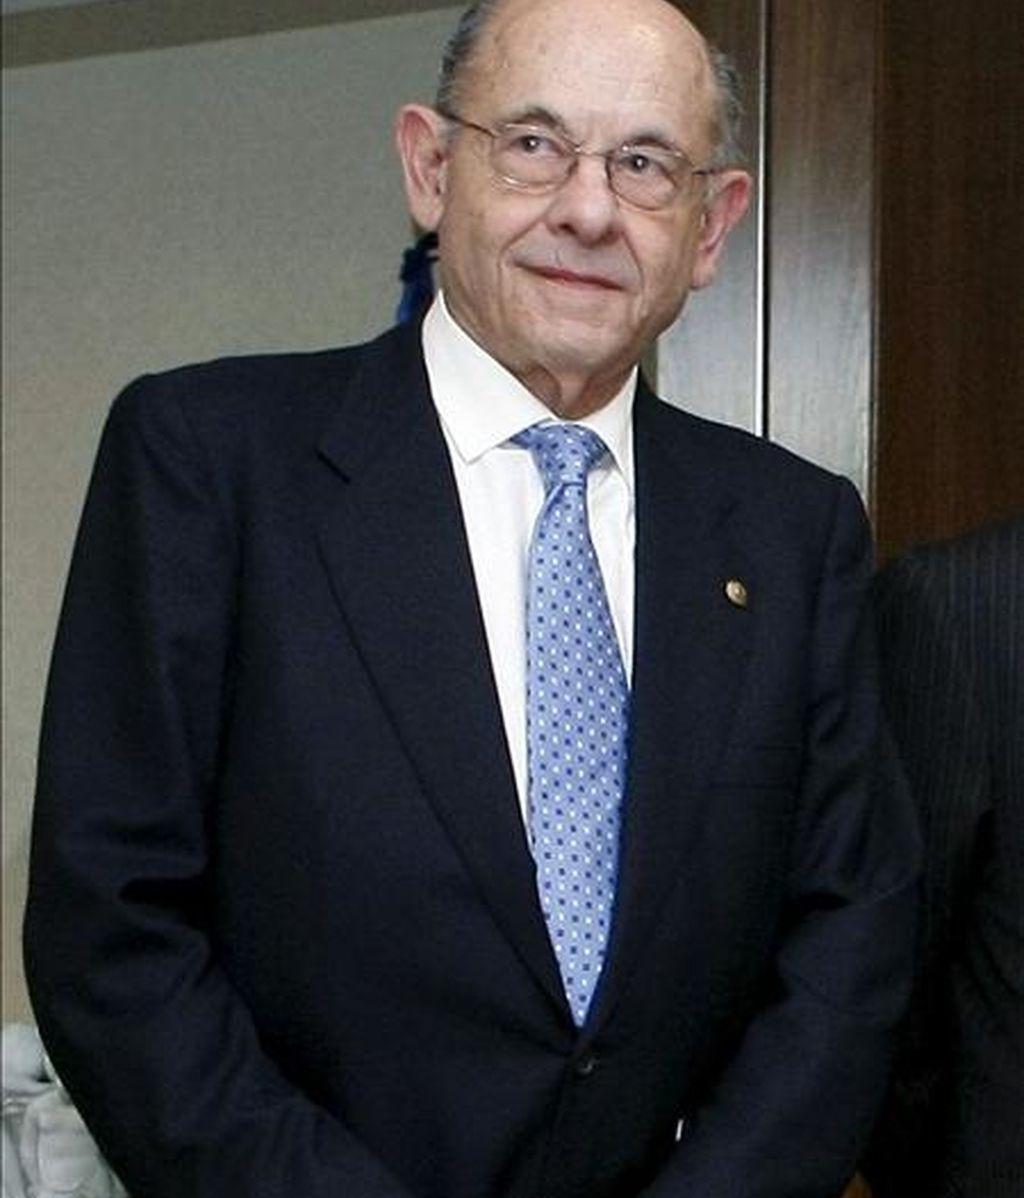 Fotografía de archivo del 12/05/09 del ex presidente del patronato de la Fundació Orfeó-Català Palau de la Música, Félix Millet. EFE/Archivo